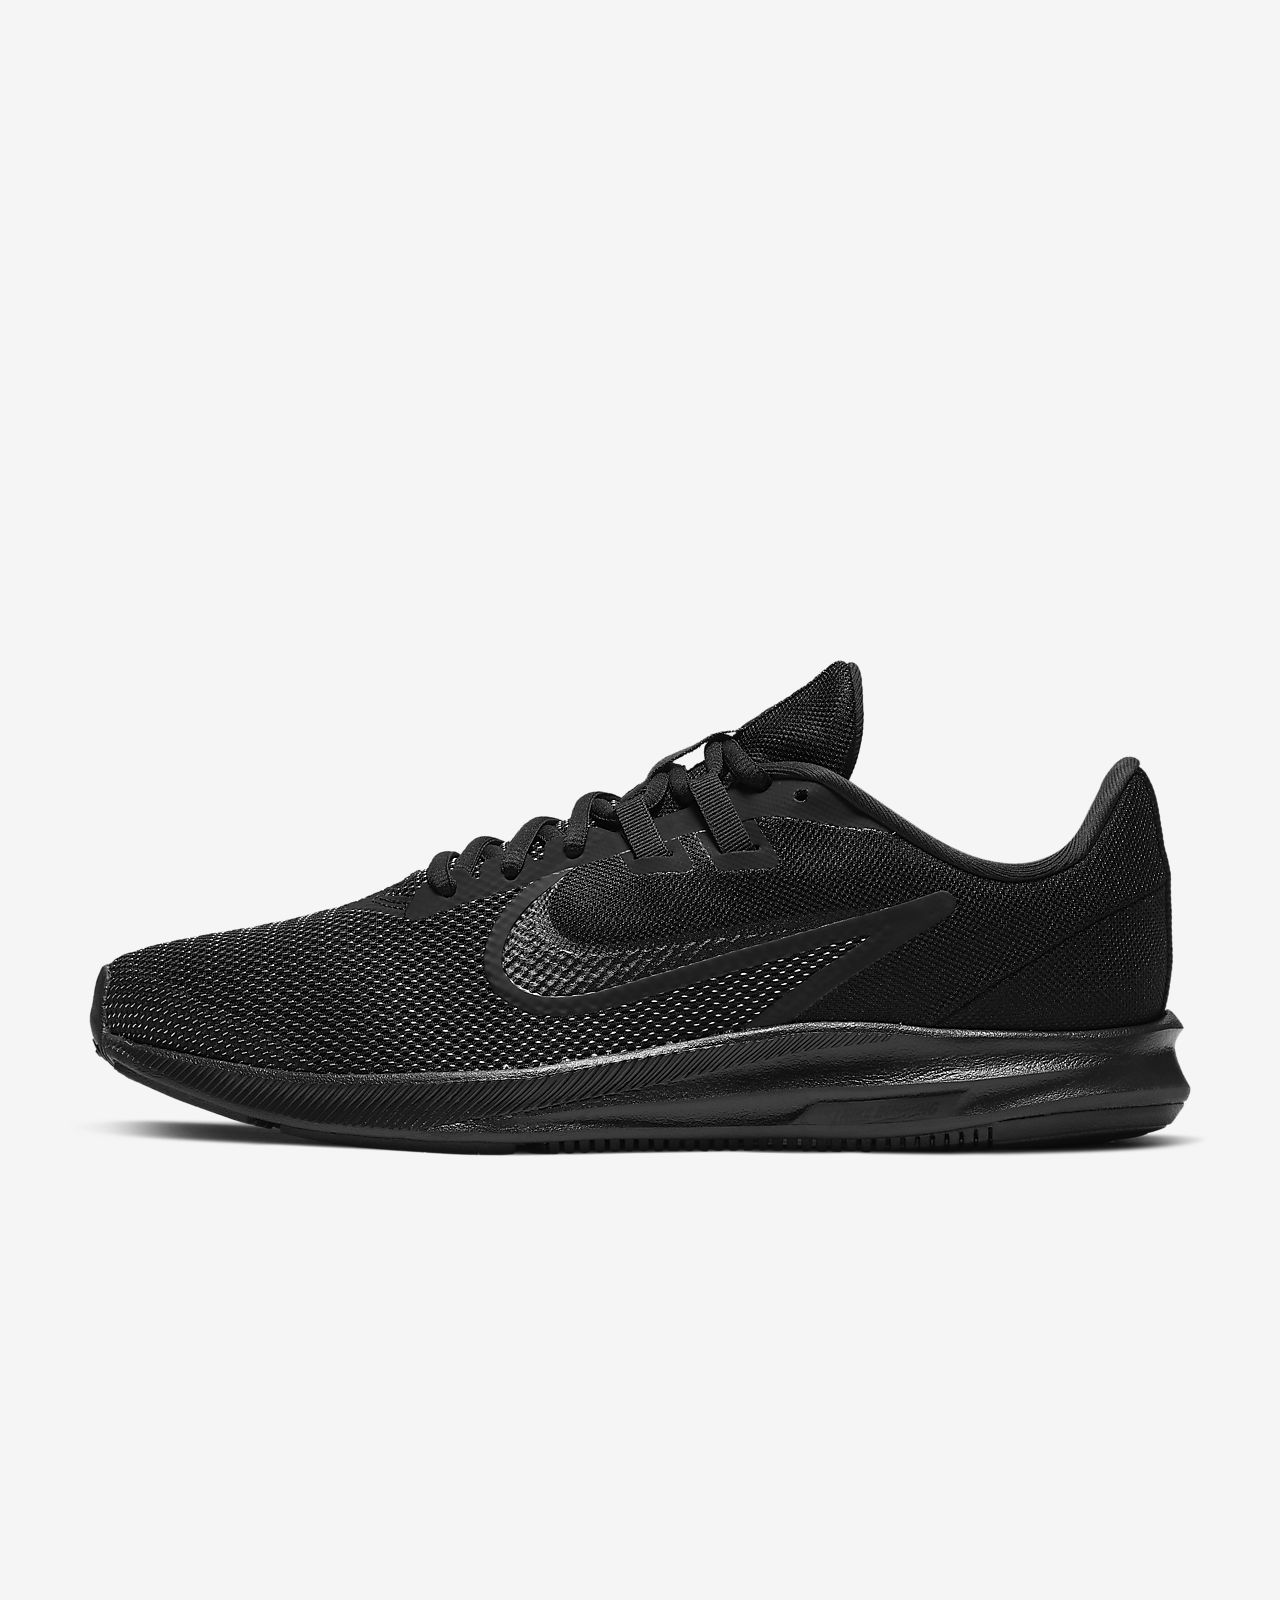 Men's 9 Nike Downshifter Shoe Running dBECoeQxWr